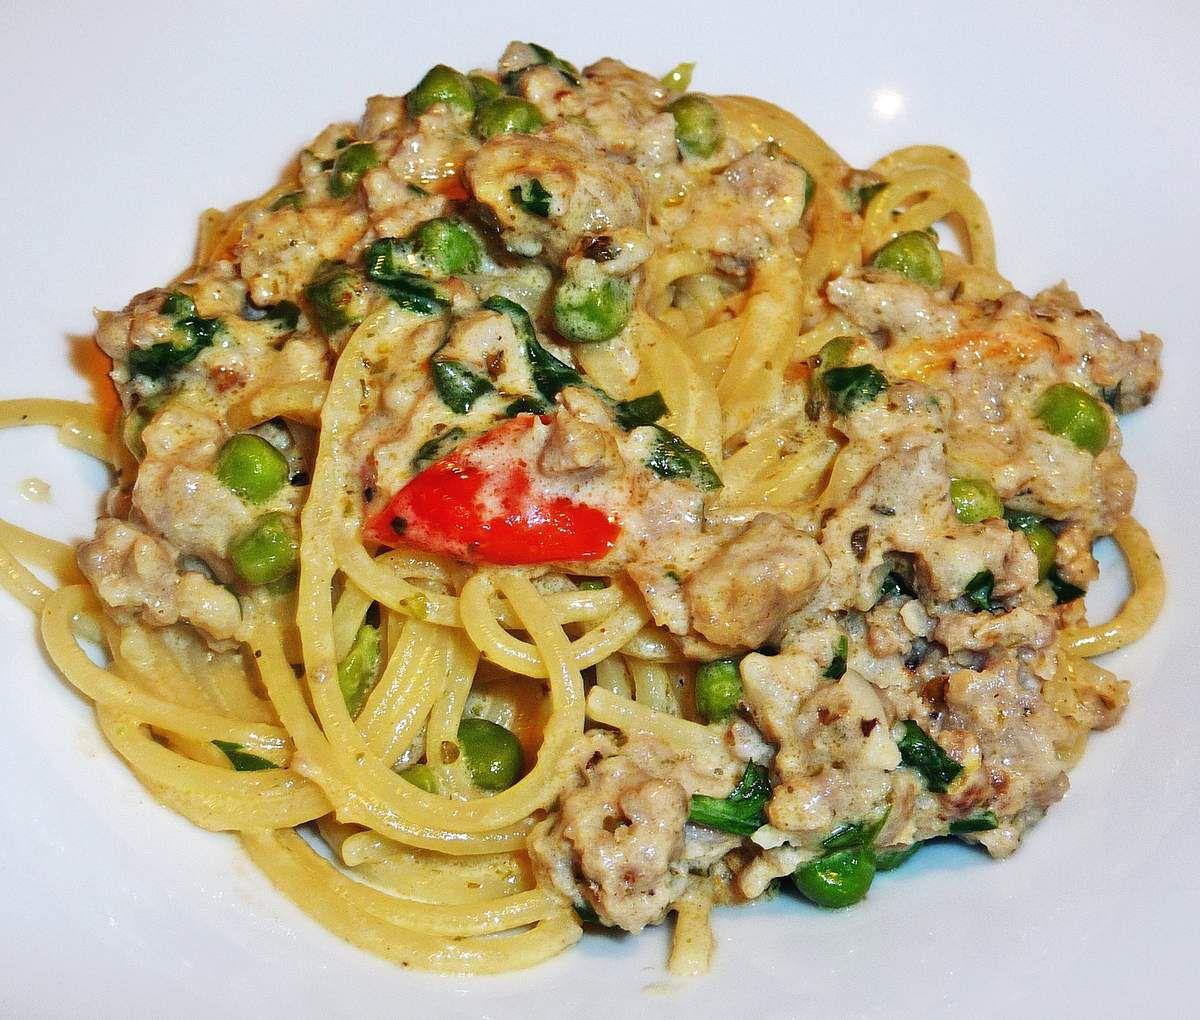 Spaghetti à la saucisse, sauce crémeuse et petits légumes